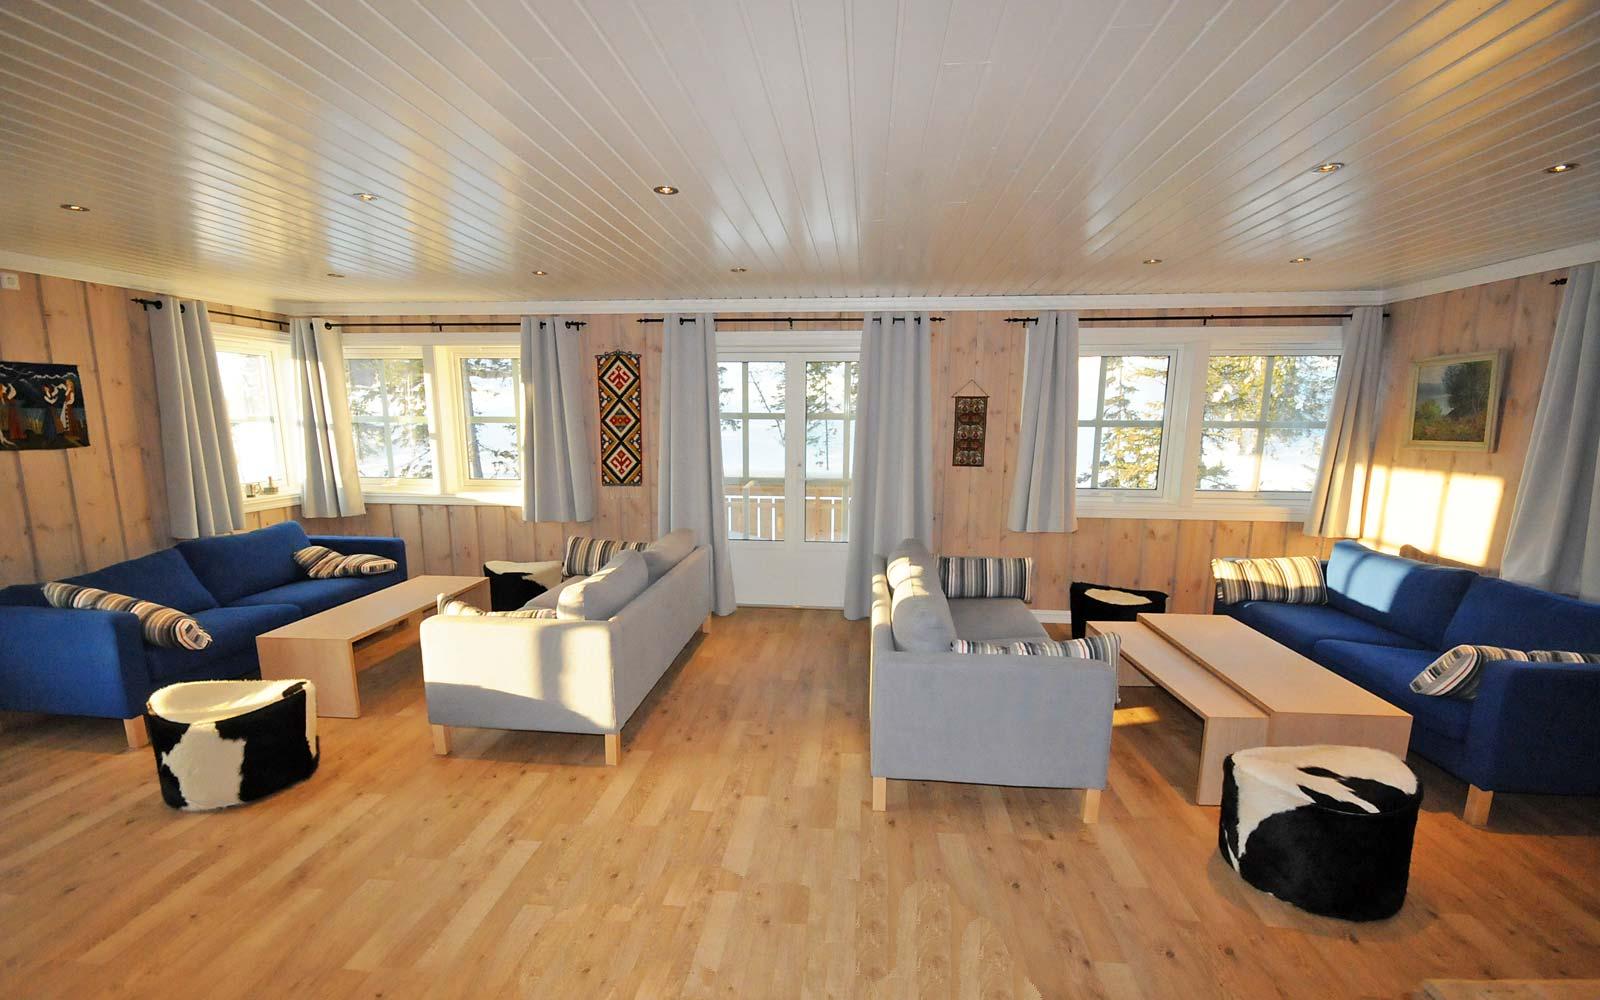 Stue Utsikten - Sjumilskogen booking Trysil